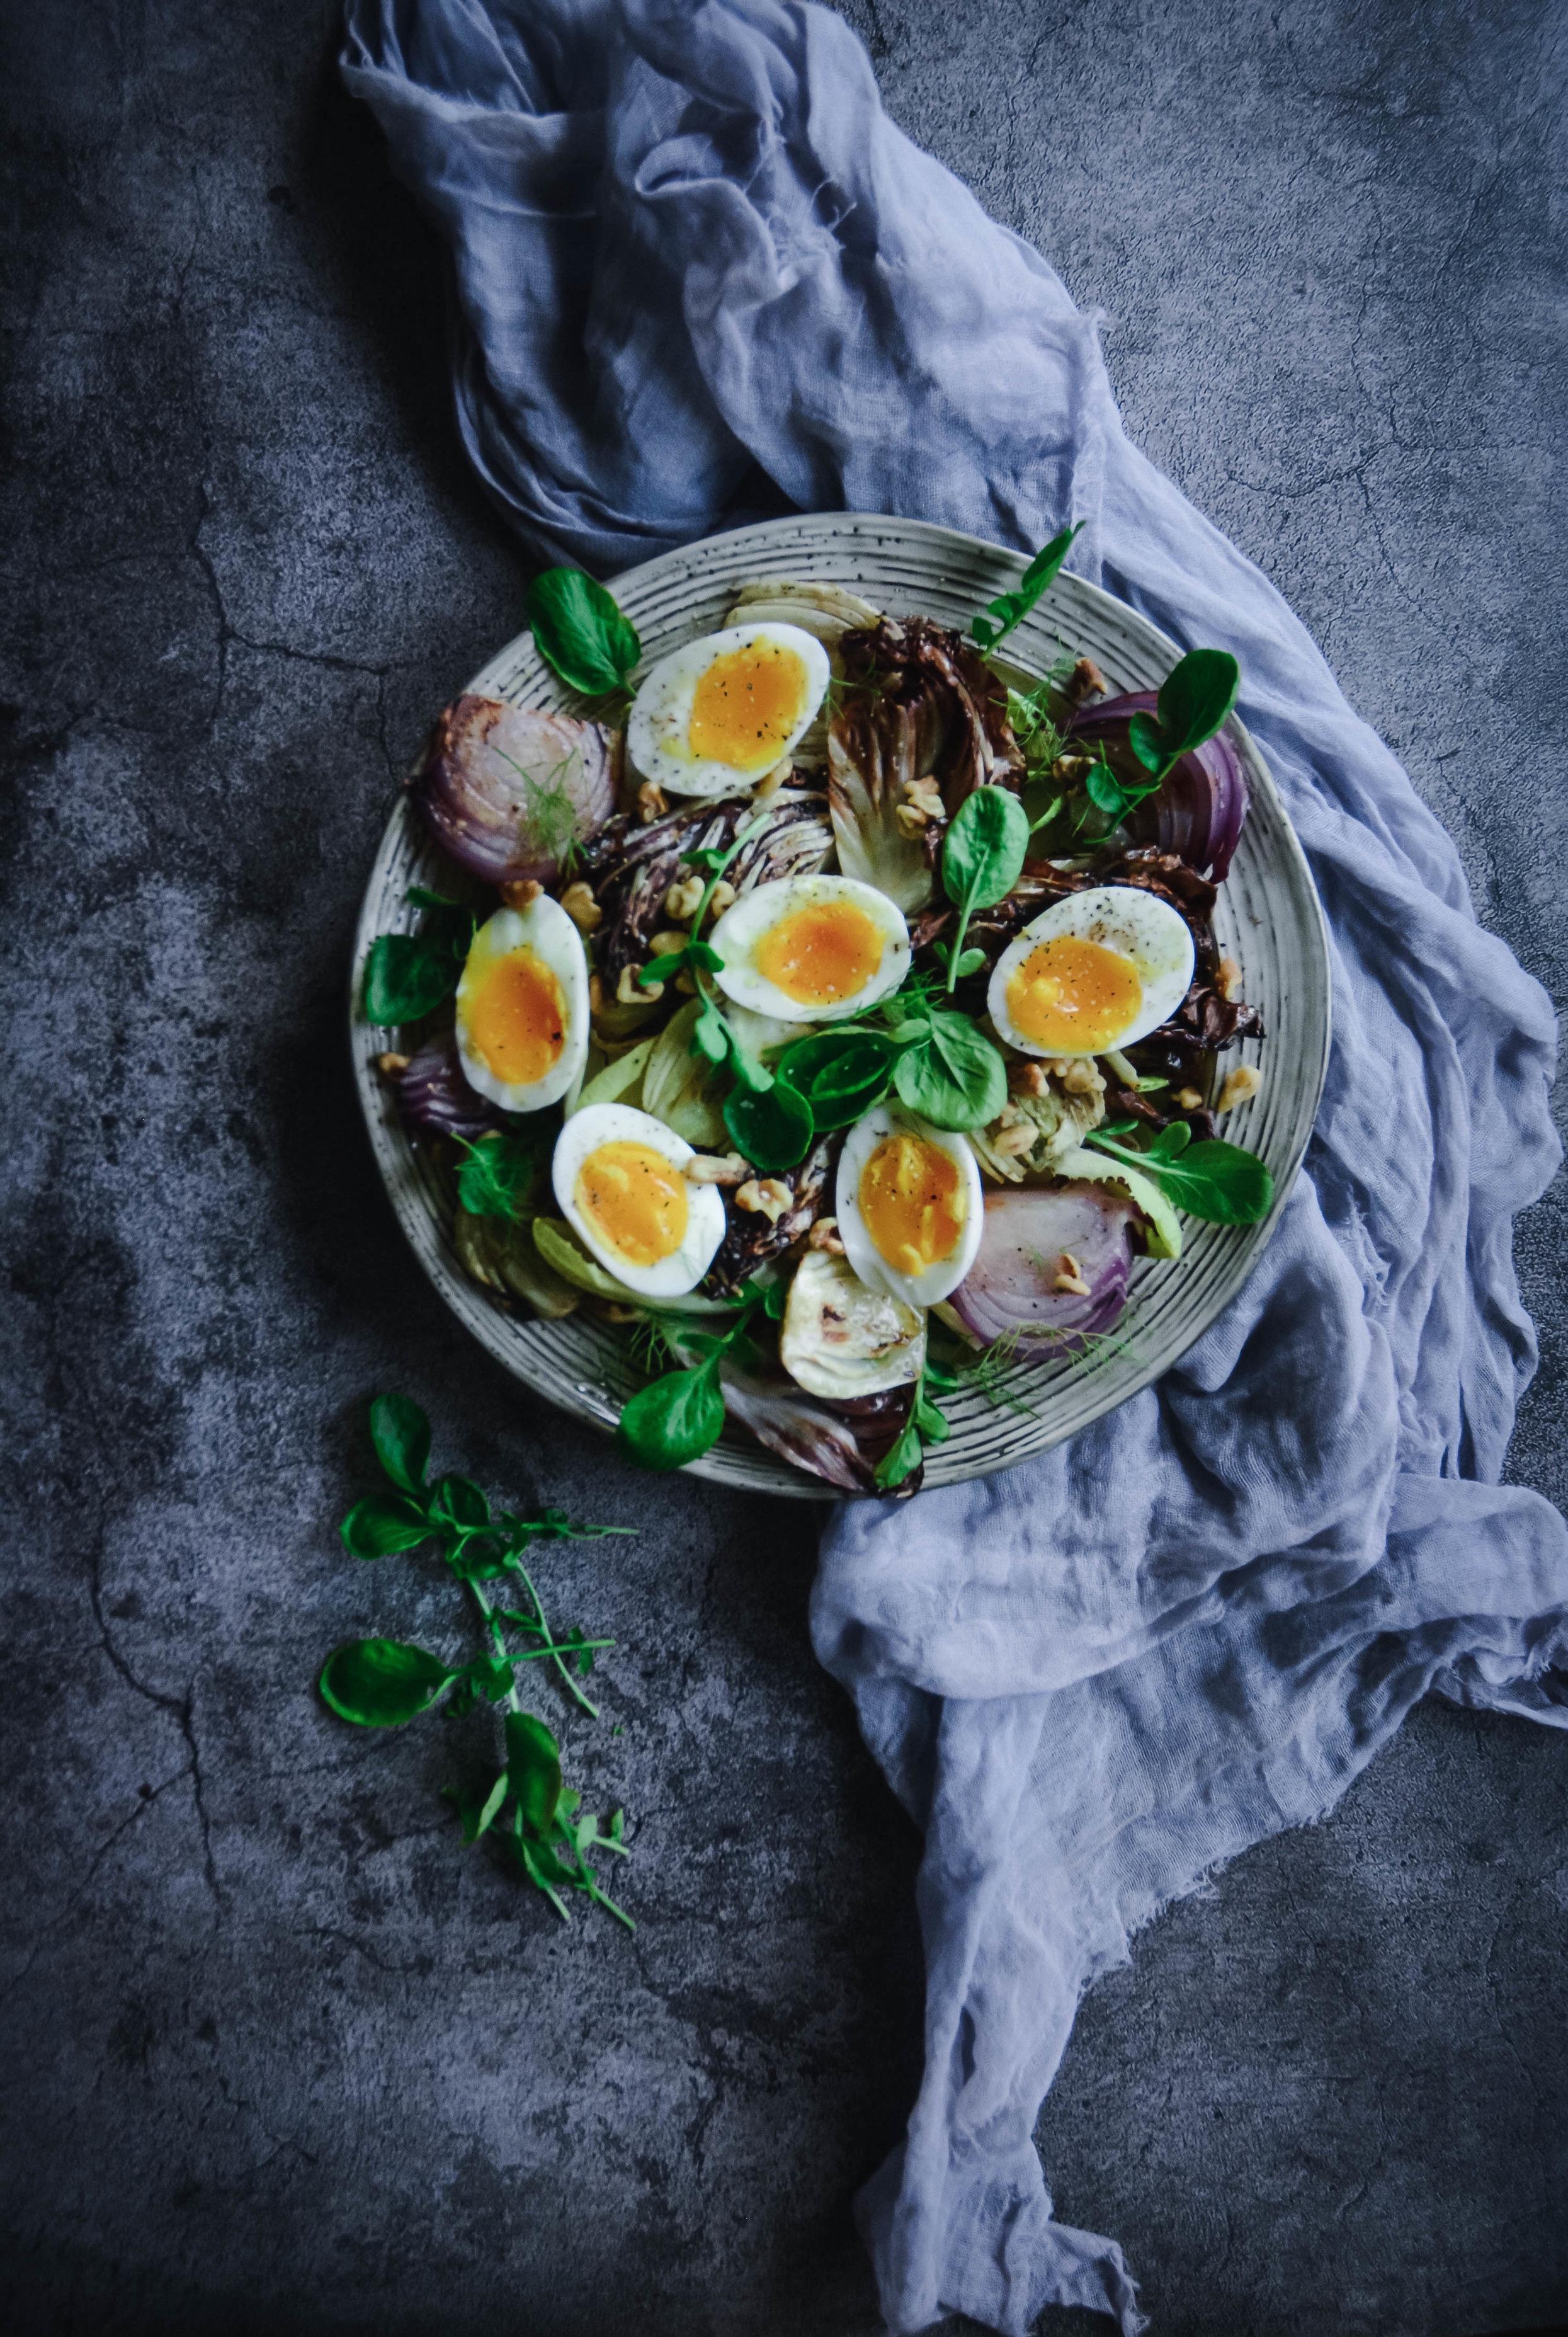 Radicchio salad with eggs on napkin on plate